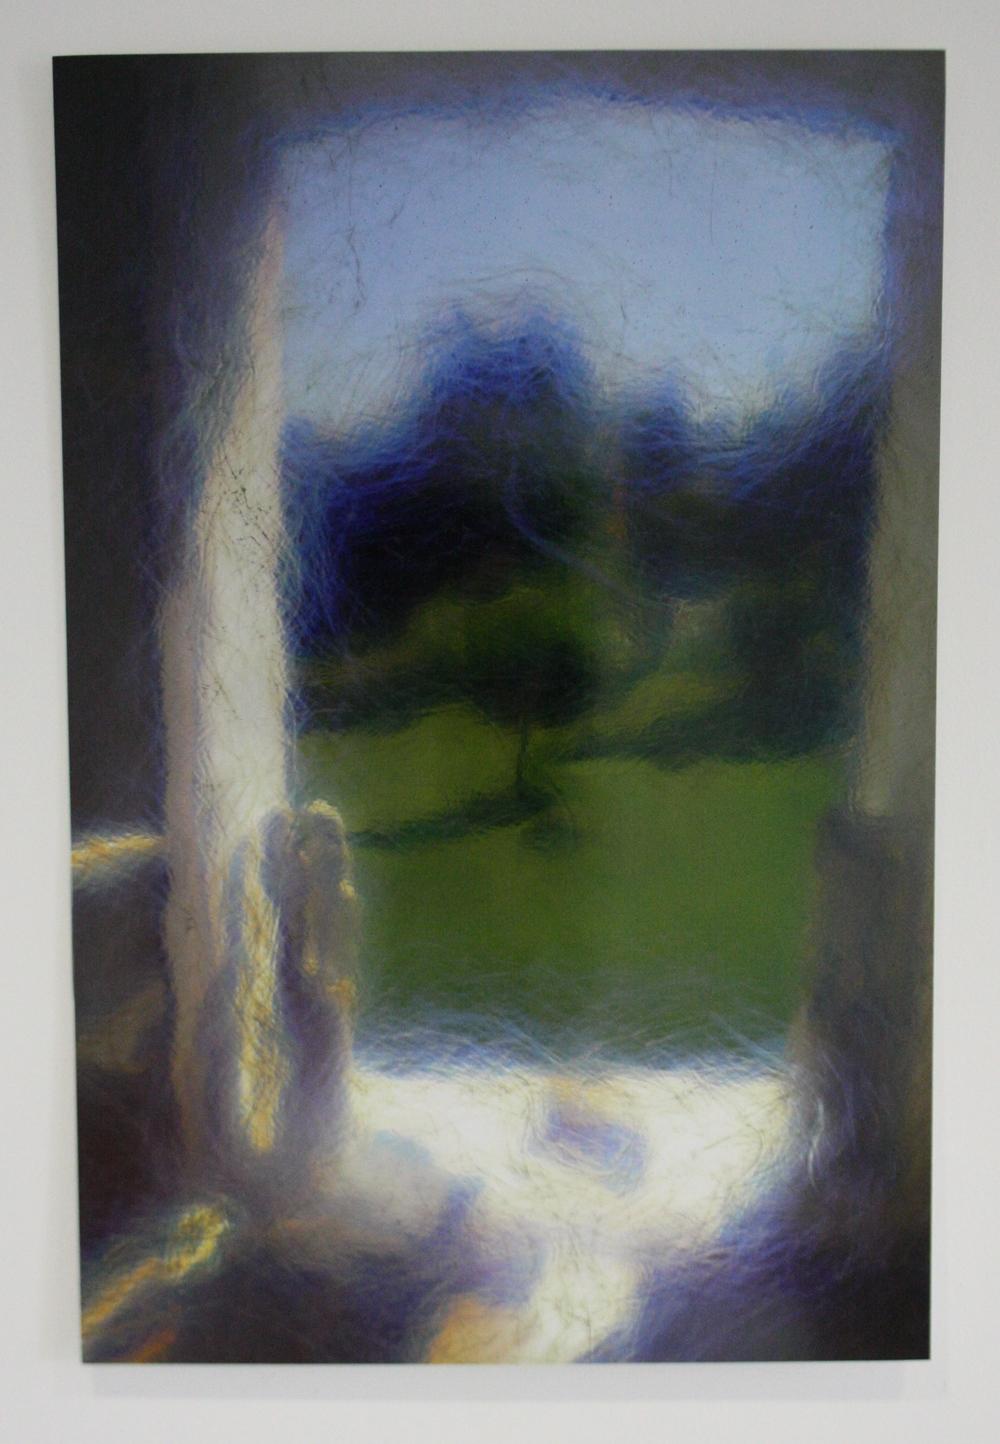 František Skála, Křídlový dům, 2012, 100 x 66,7 cm, barevná fotografie